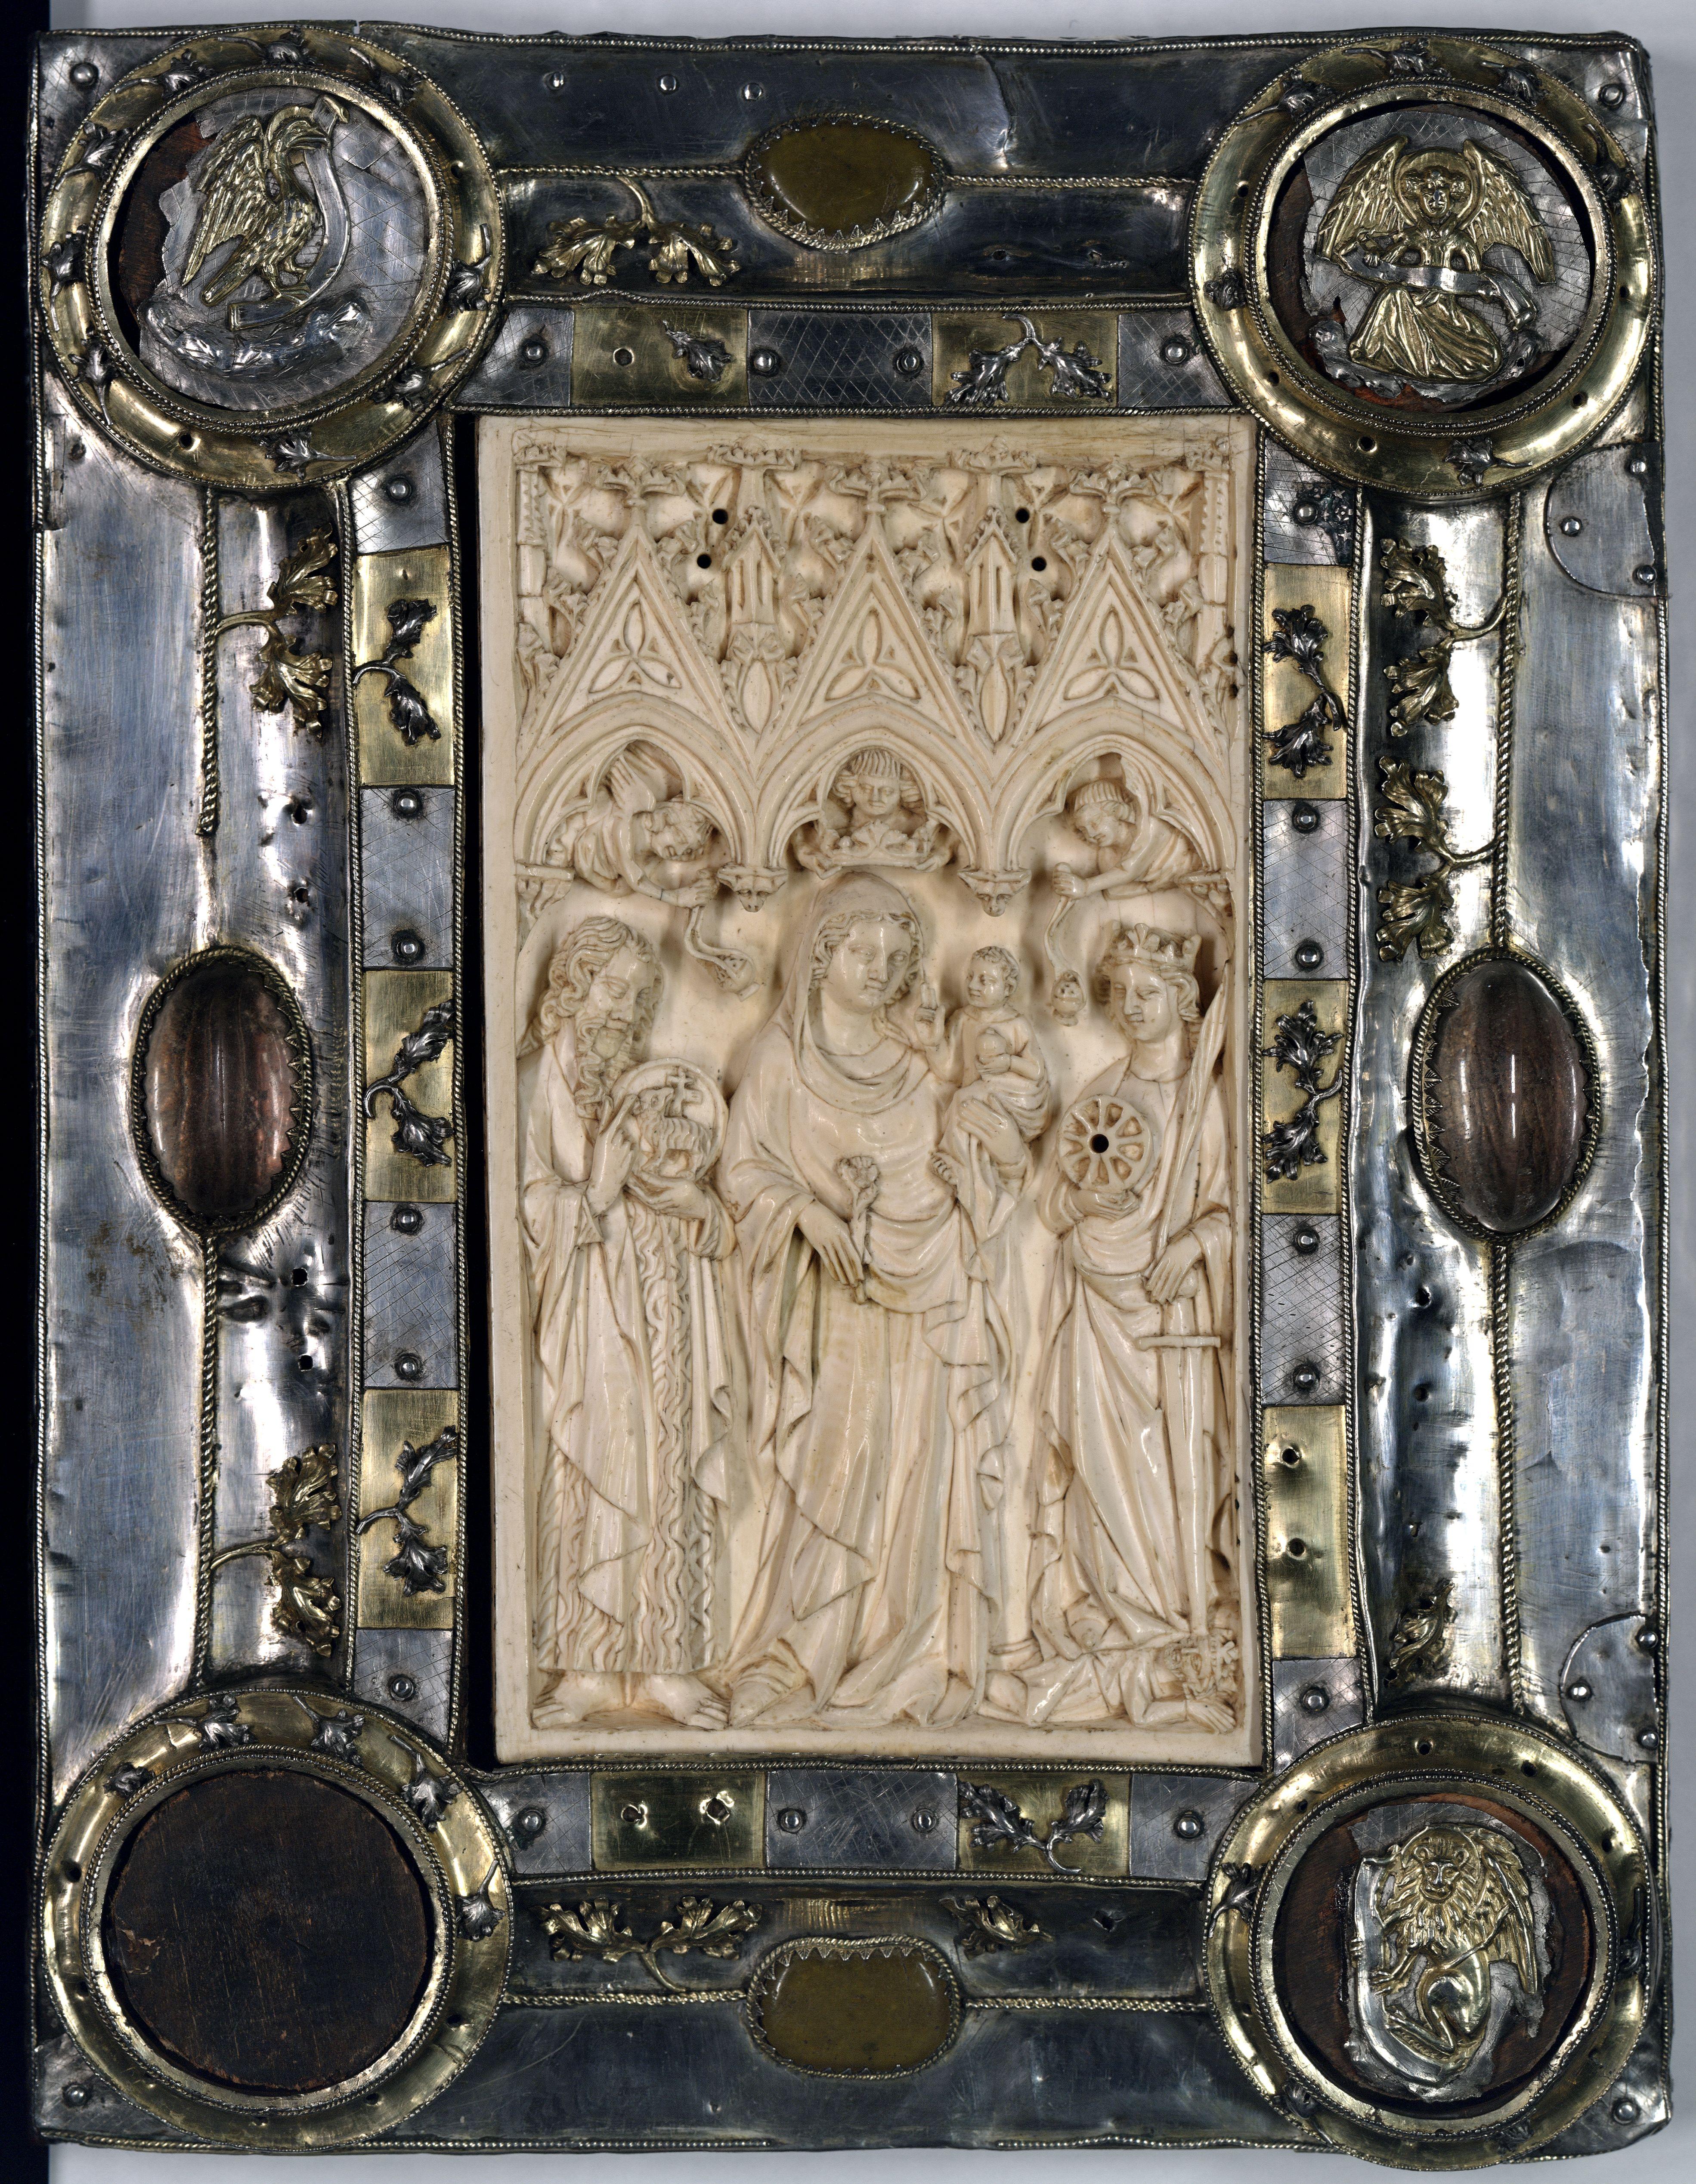 Contenu du Reliure d'orfèvrerie portant une plaque d'ivoire